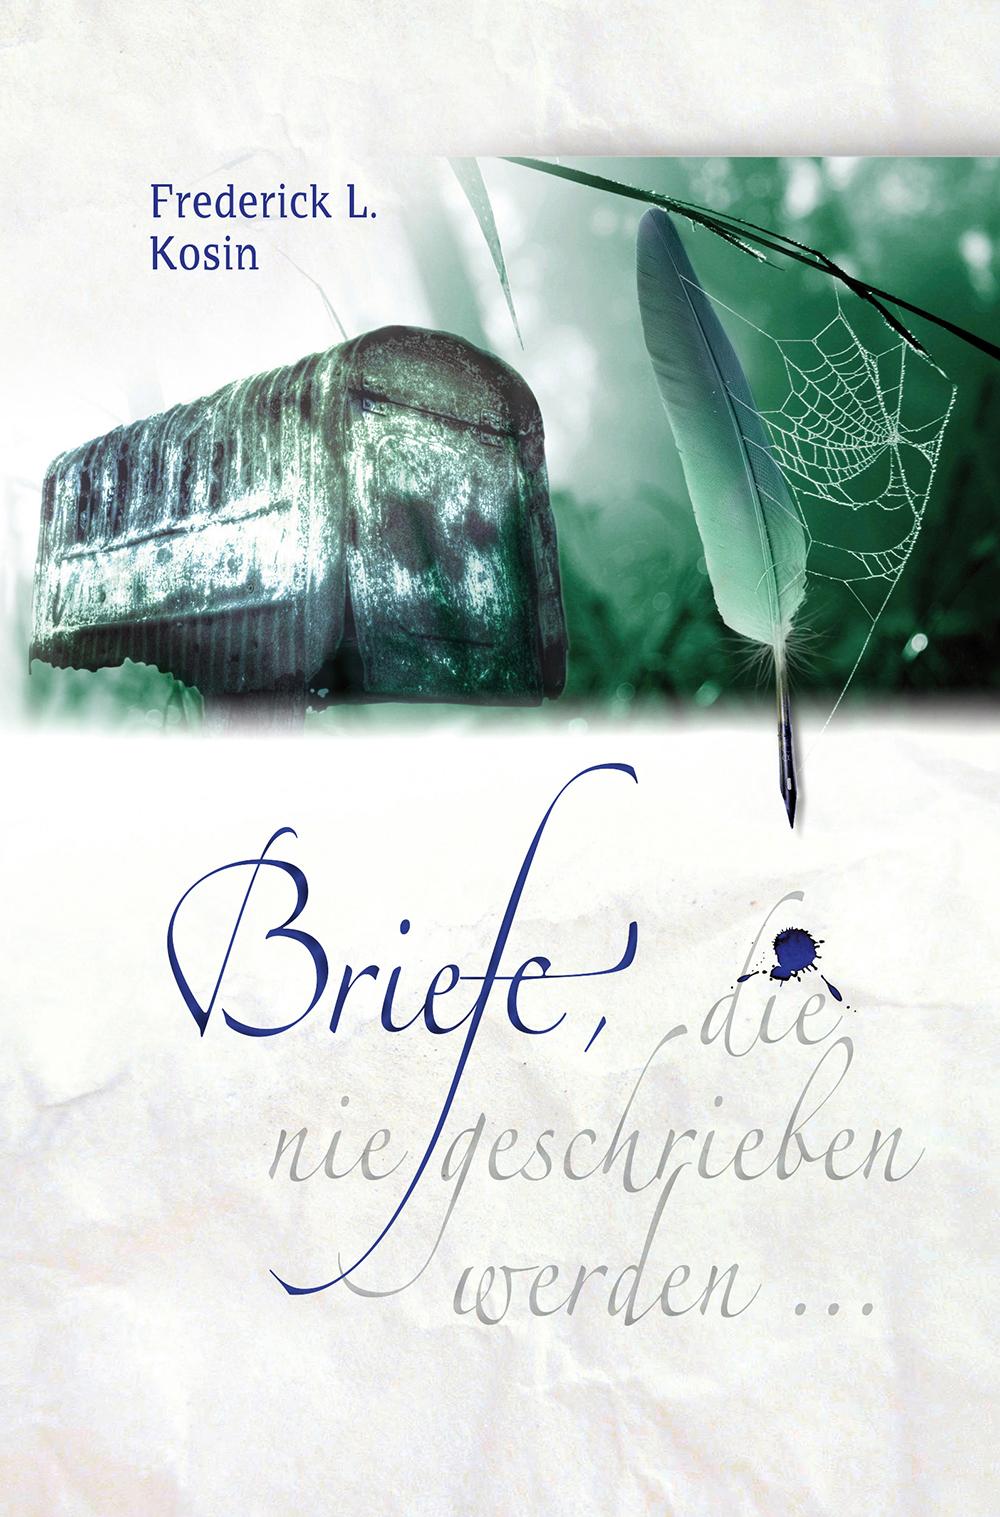 CLV_briefe-die-nie-geschrieben-werden_frederick-l-kosin_256253_1